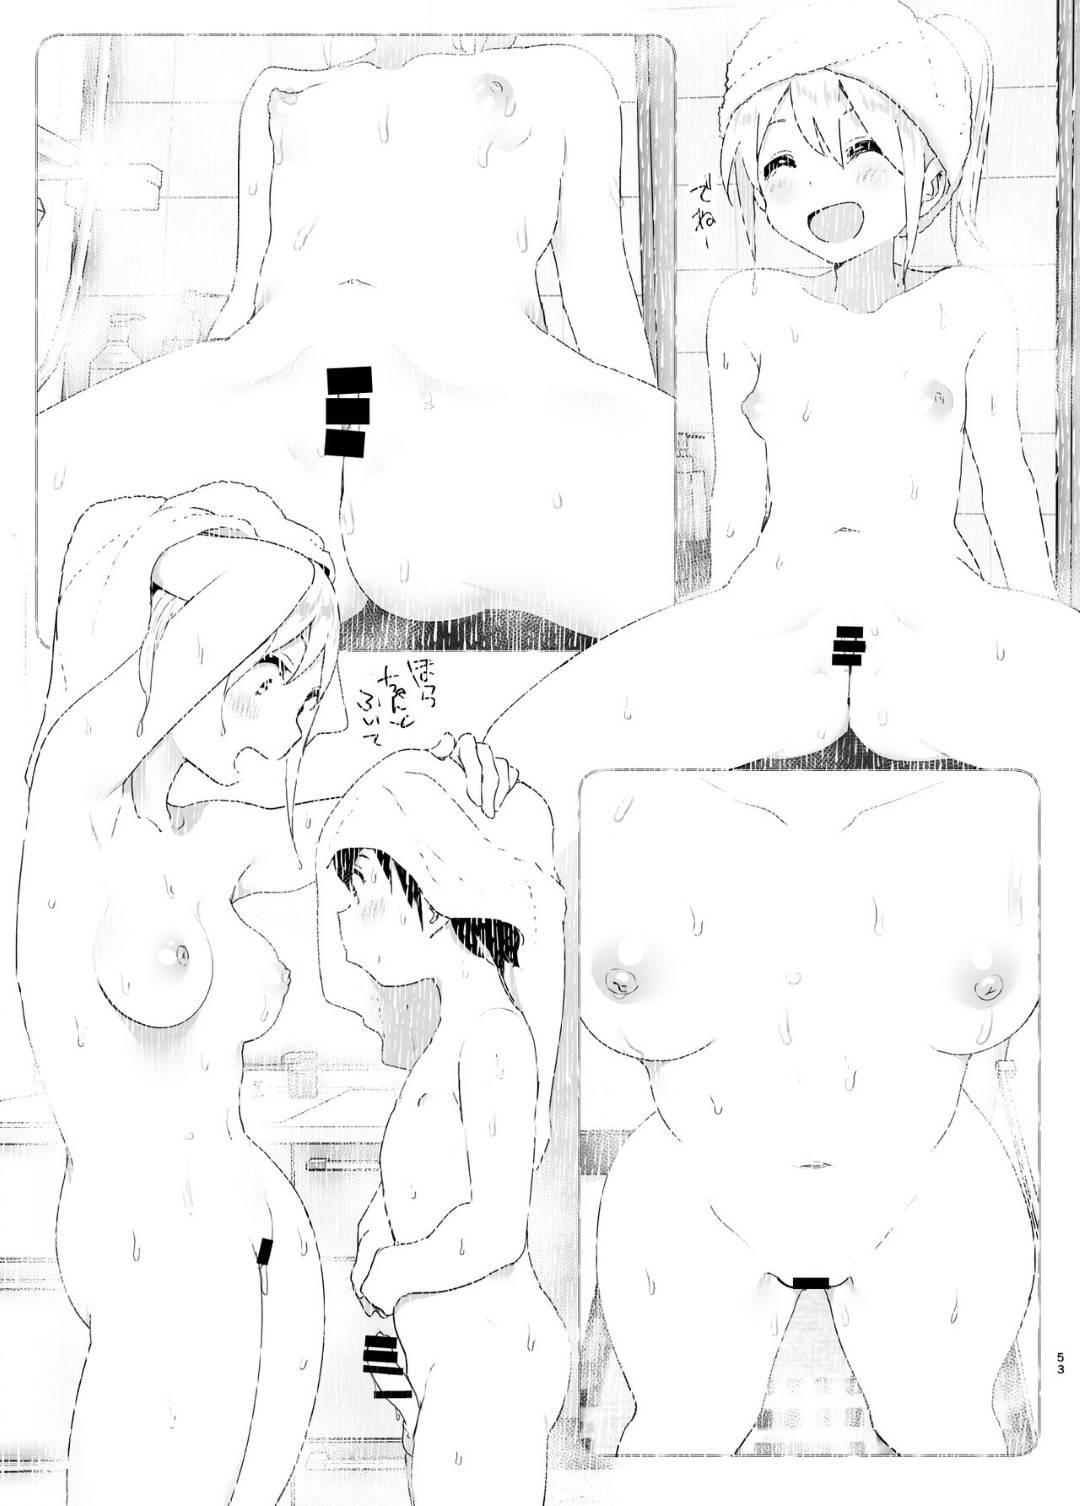 【近親相姦エロ漫画】姉から突然たわいもない電話がかかってきて胸騒ぎがした弟は、姉の元を訪れる。弟は会社が原因だと知り、退職代行に電話をかけていると、姉が風呂から上がり、お尻を無防備に突き出す姿に欲情。我慢できなくなった弟は近親相姦中出しセックスでアクメする【なかに】